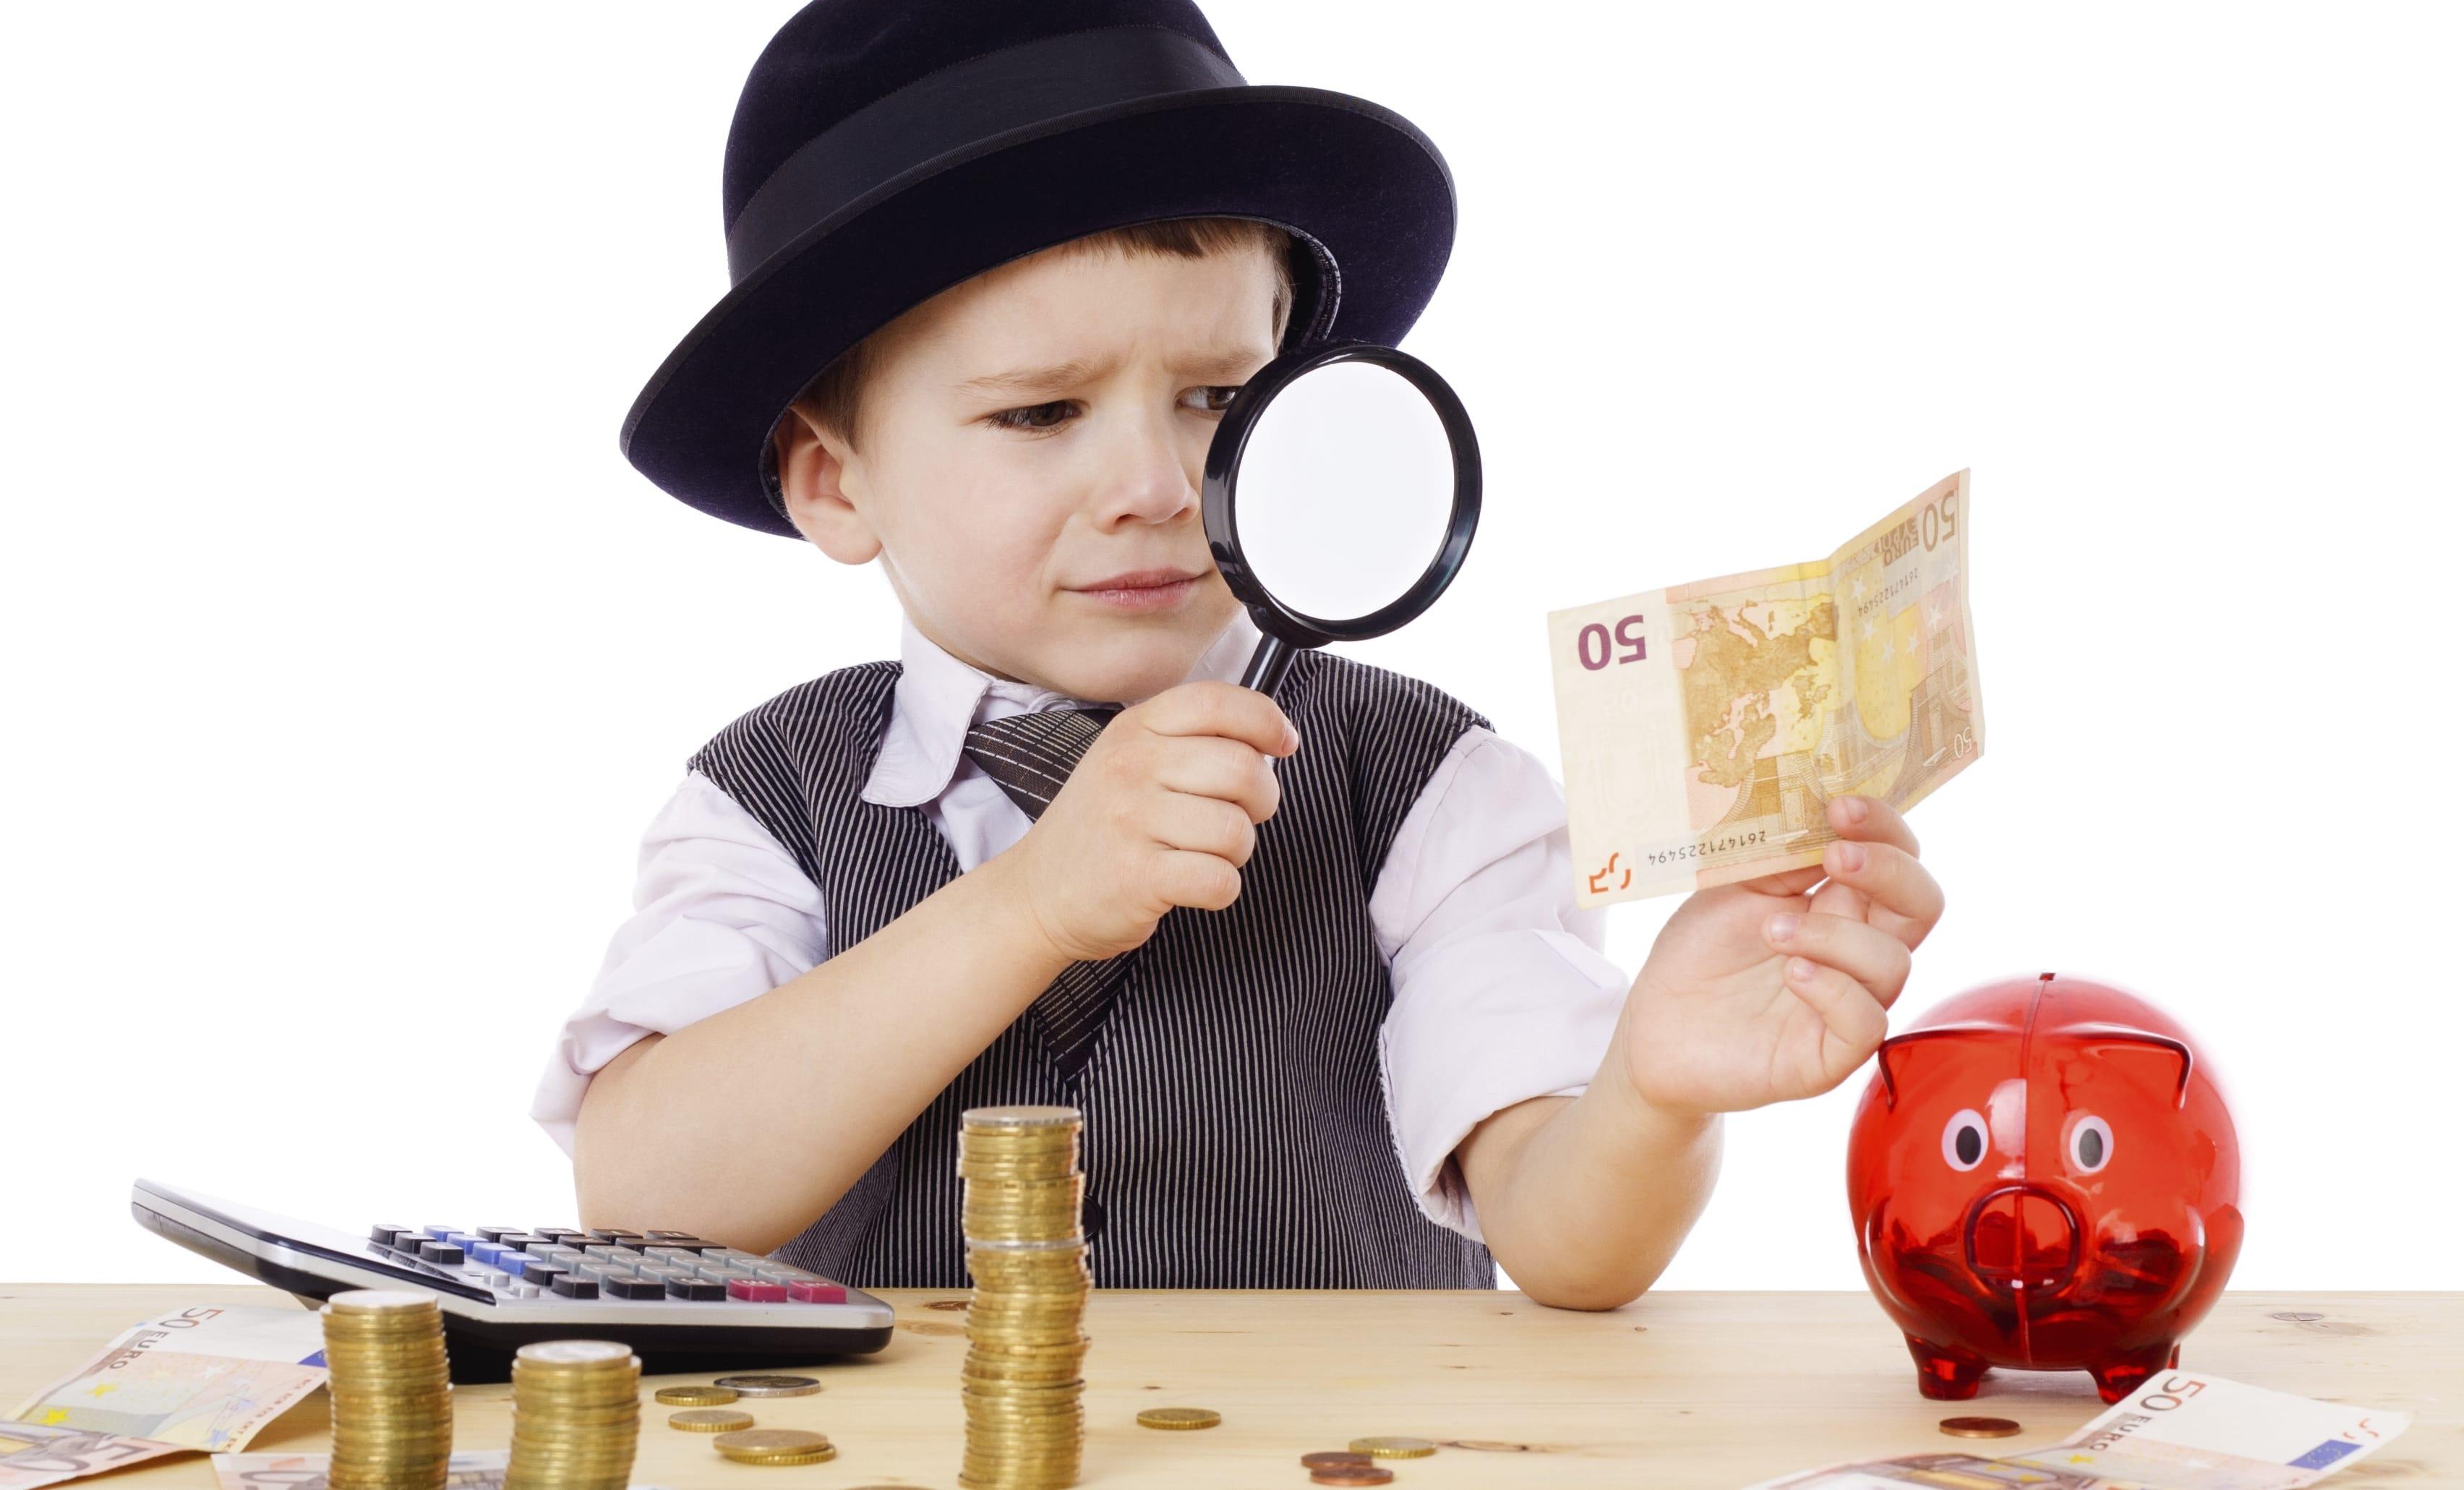 Come insegnare il valore dei soldi ai bambini, anche attraverso un racconto